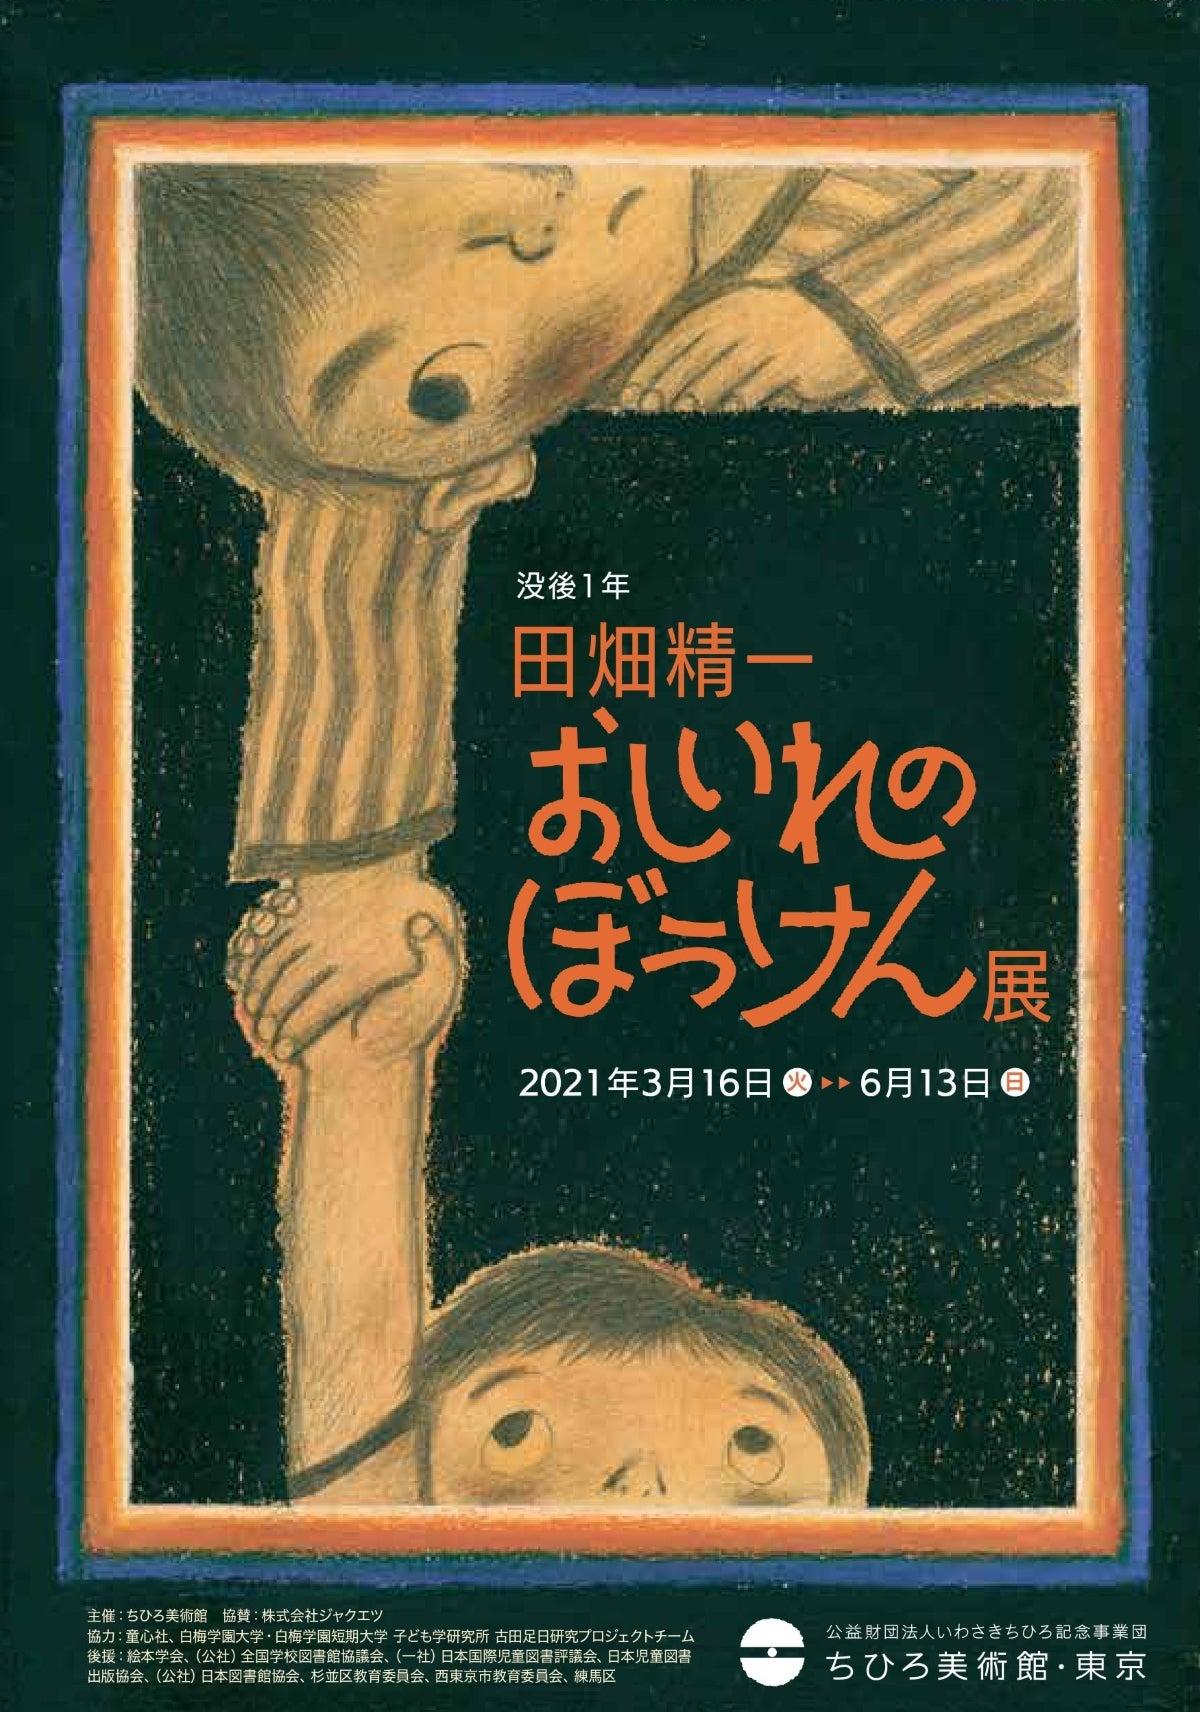 Chihiro Art Museum Children's Book Exhibition